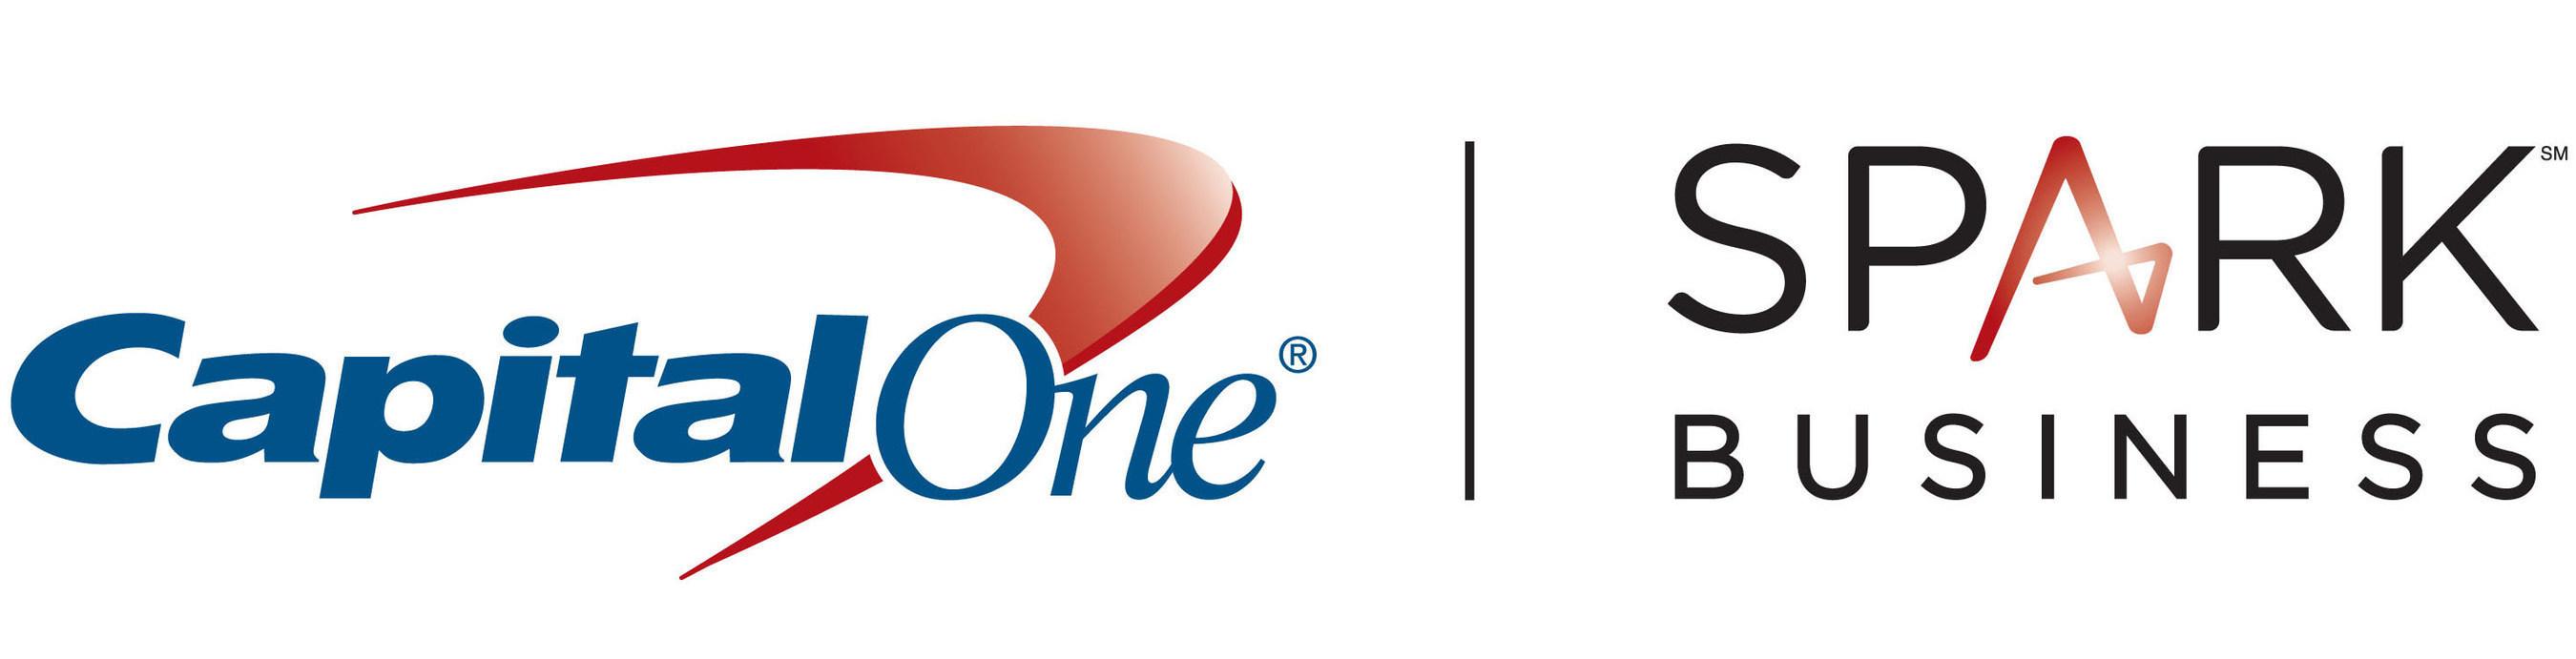 Capital One Spark Business Logo